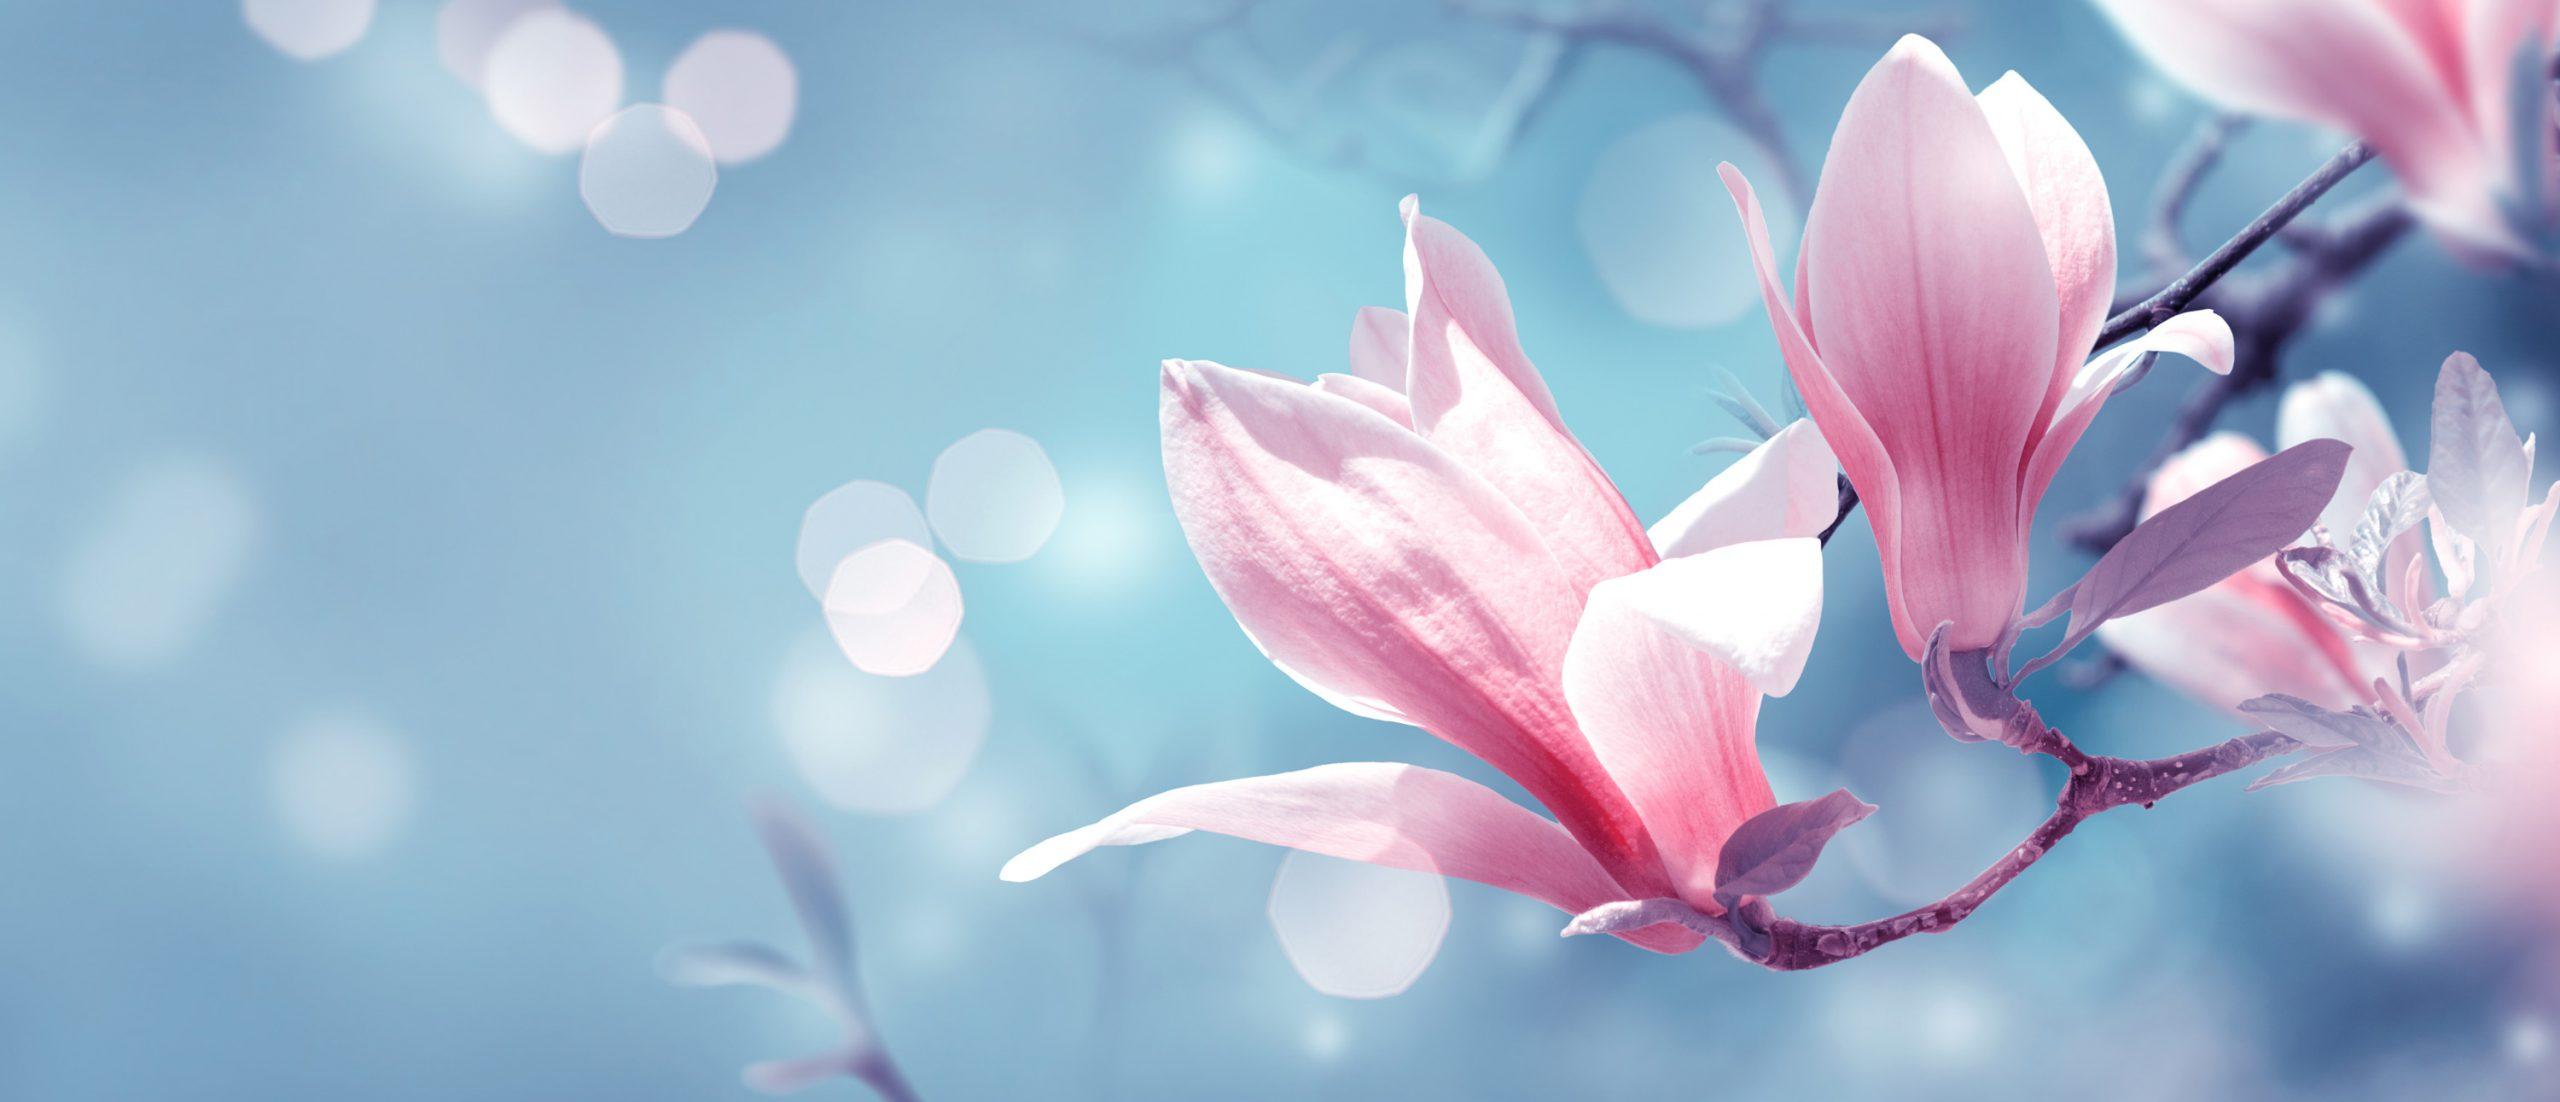 magnolie@bayer-bayer.com